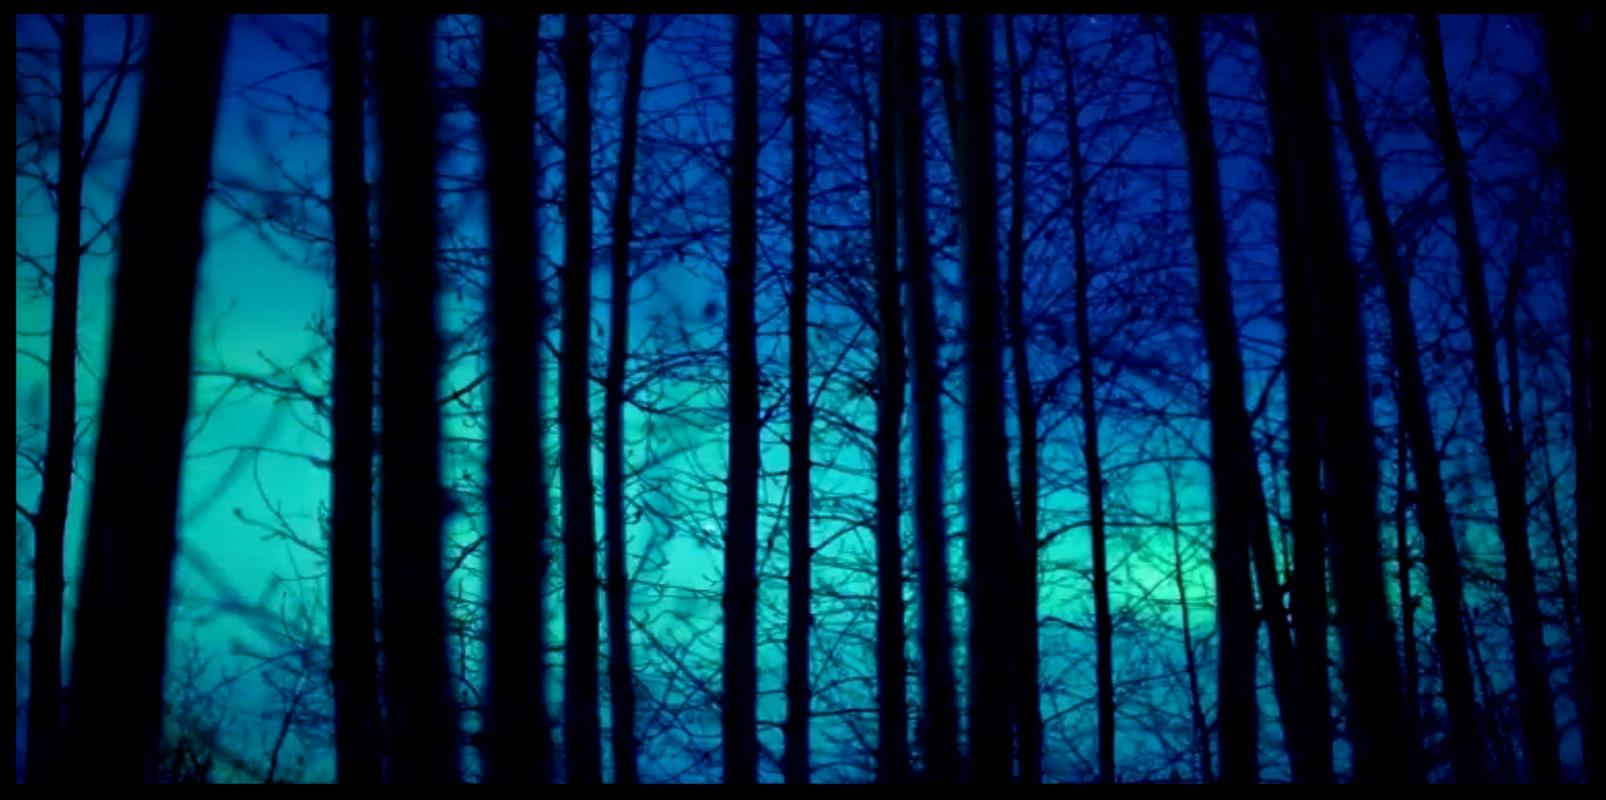 Bäume in Blau